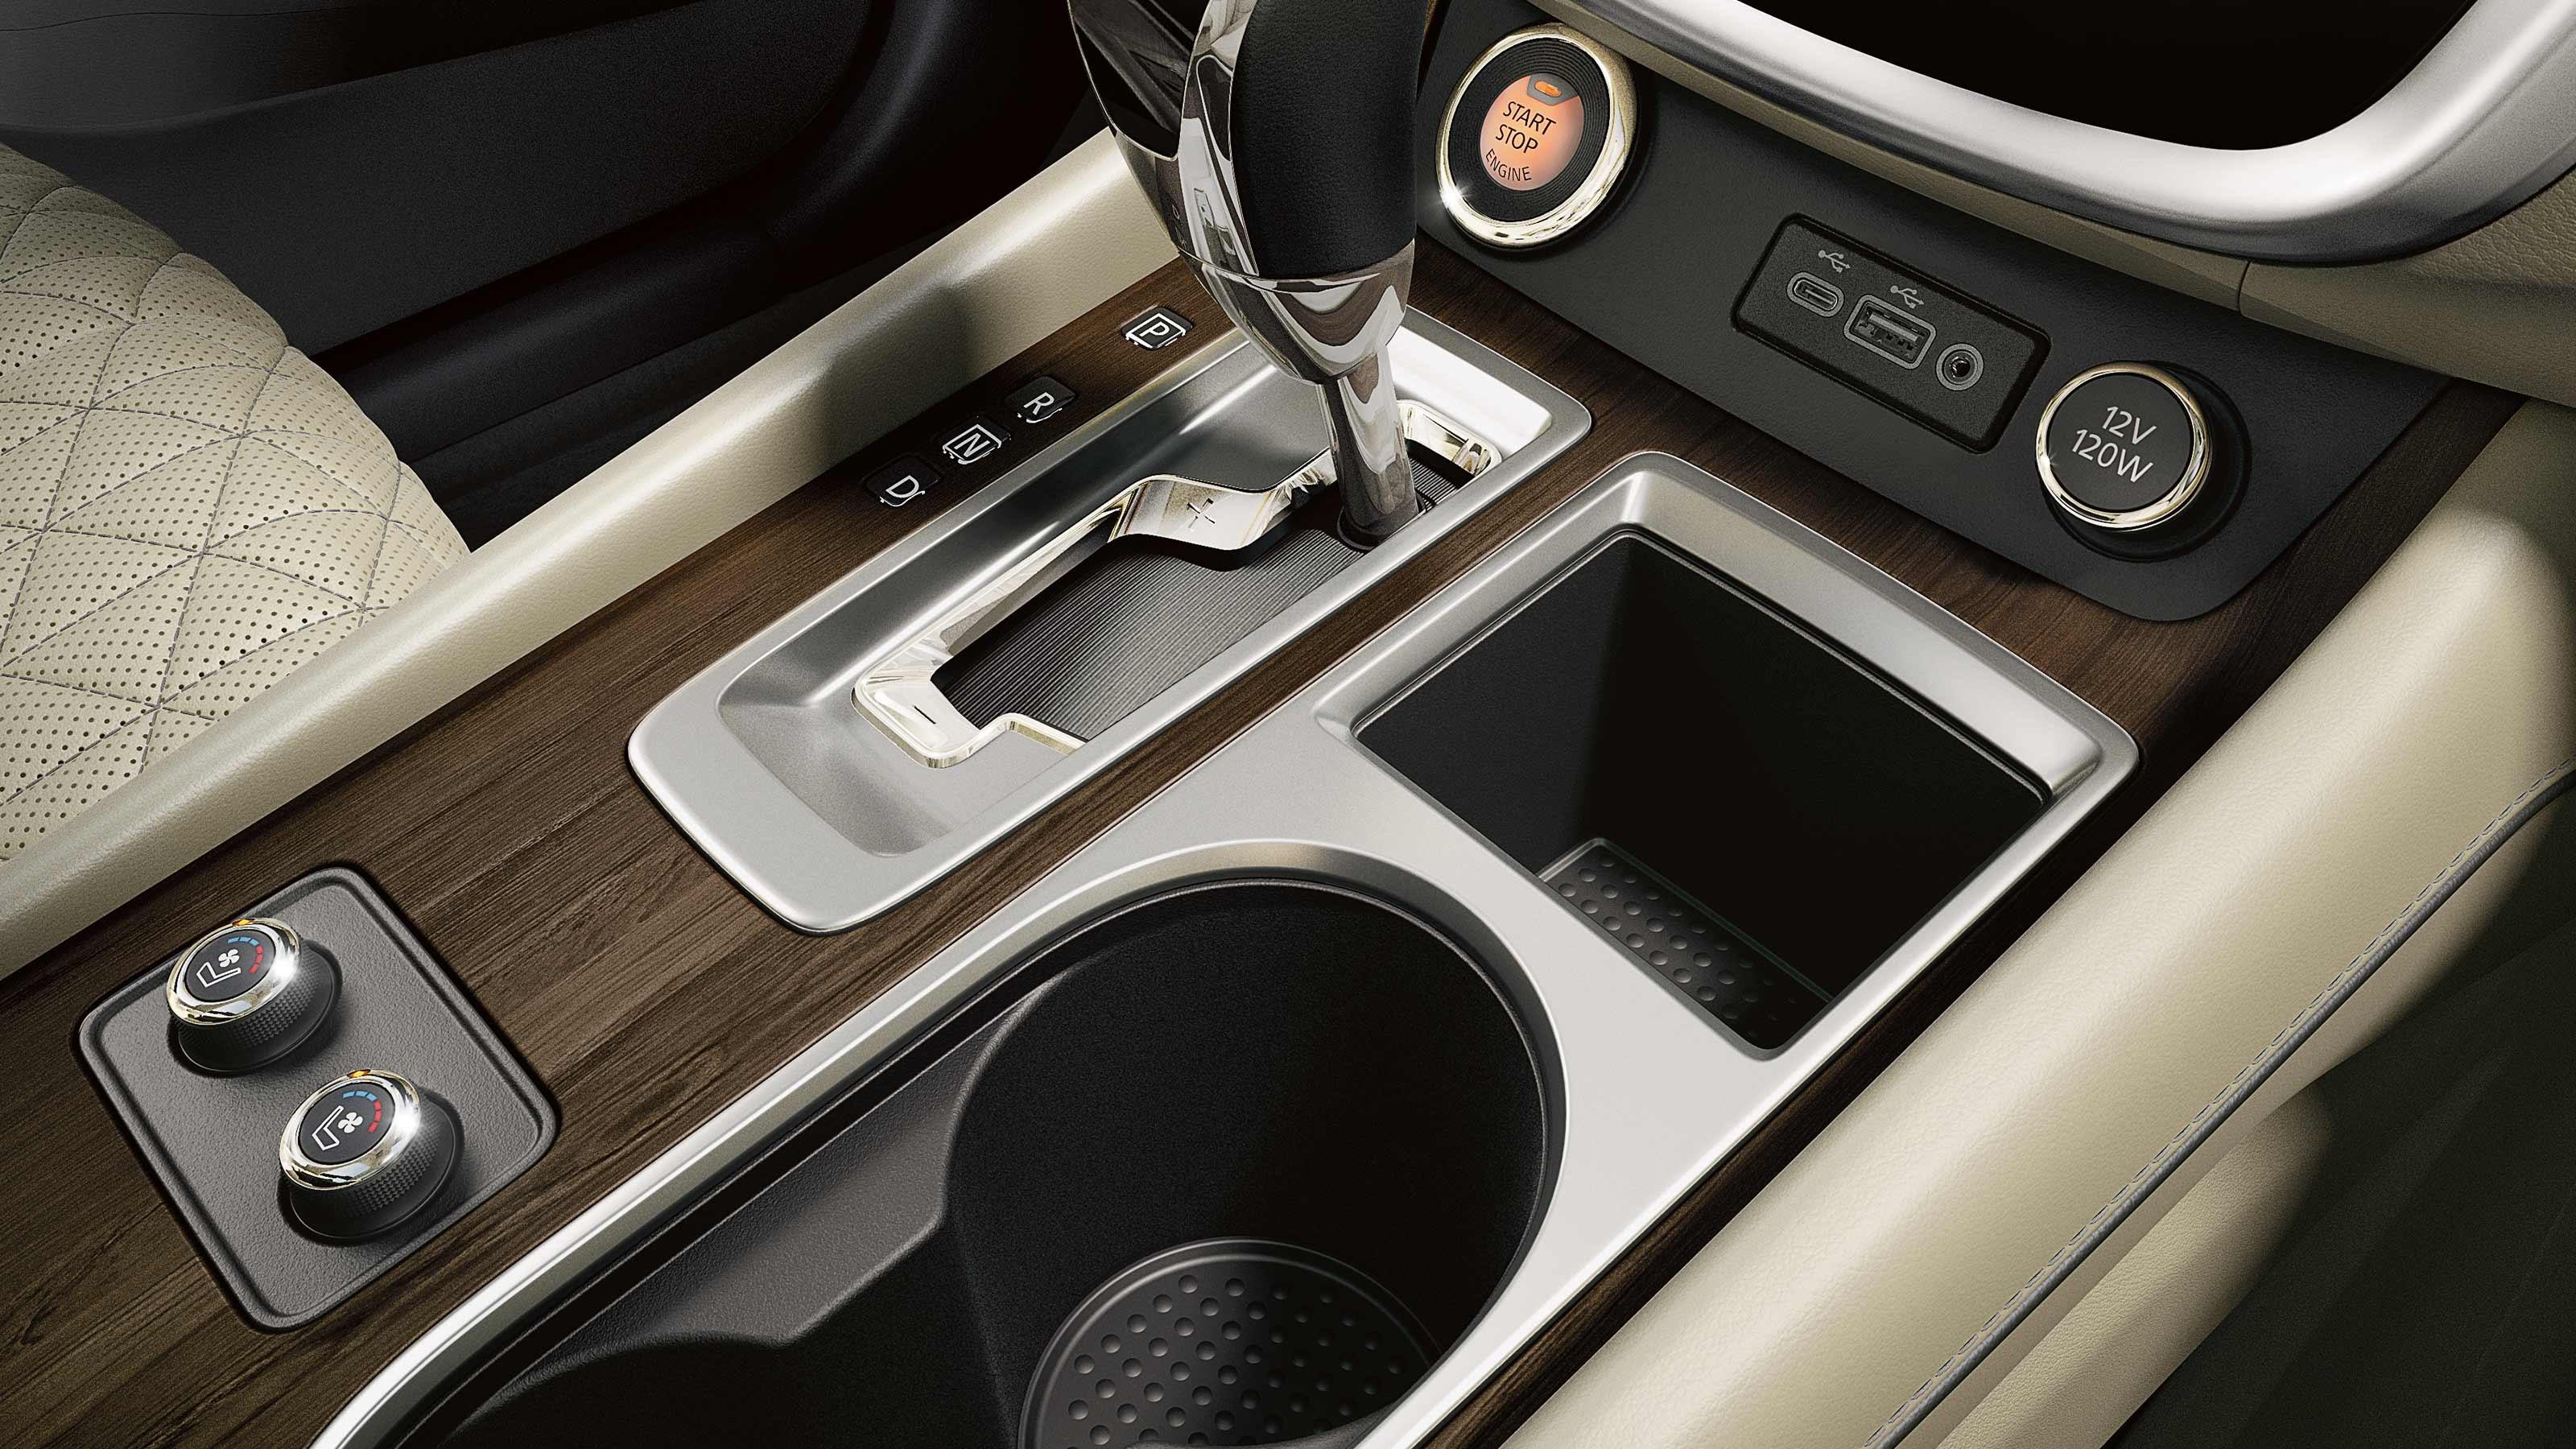 2020 Nissan Murano Center Console